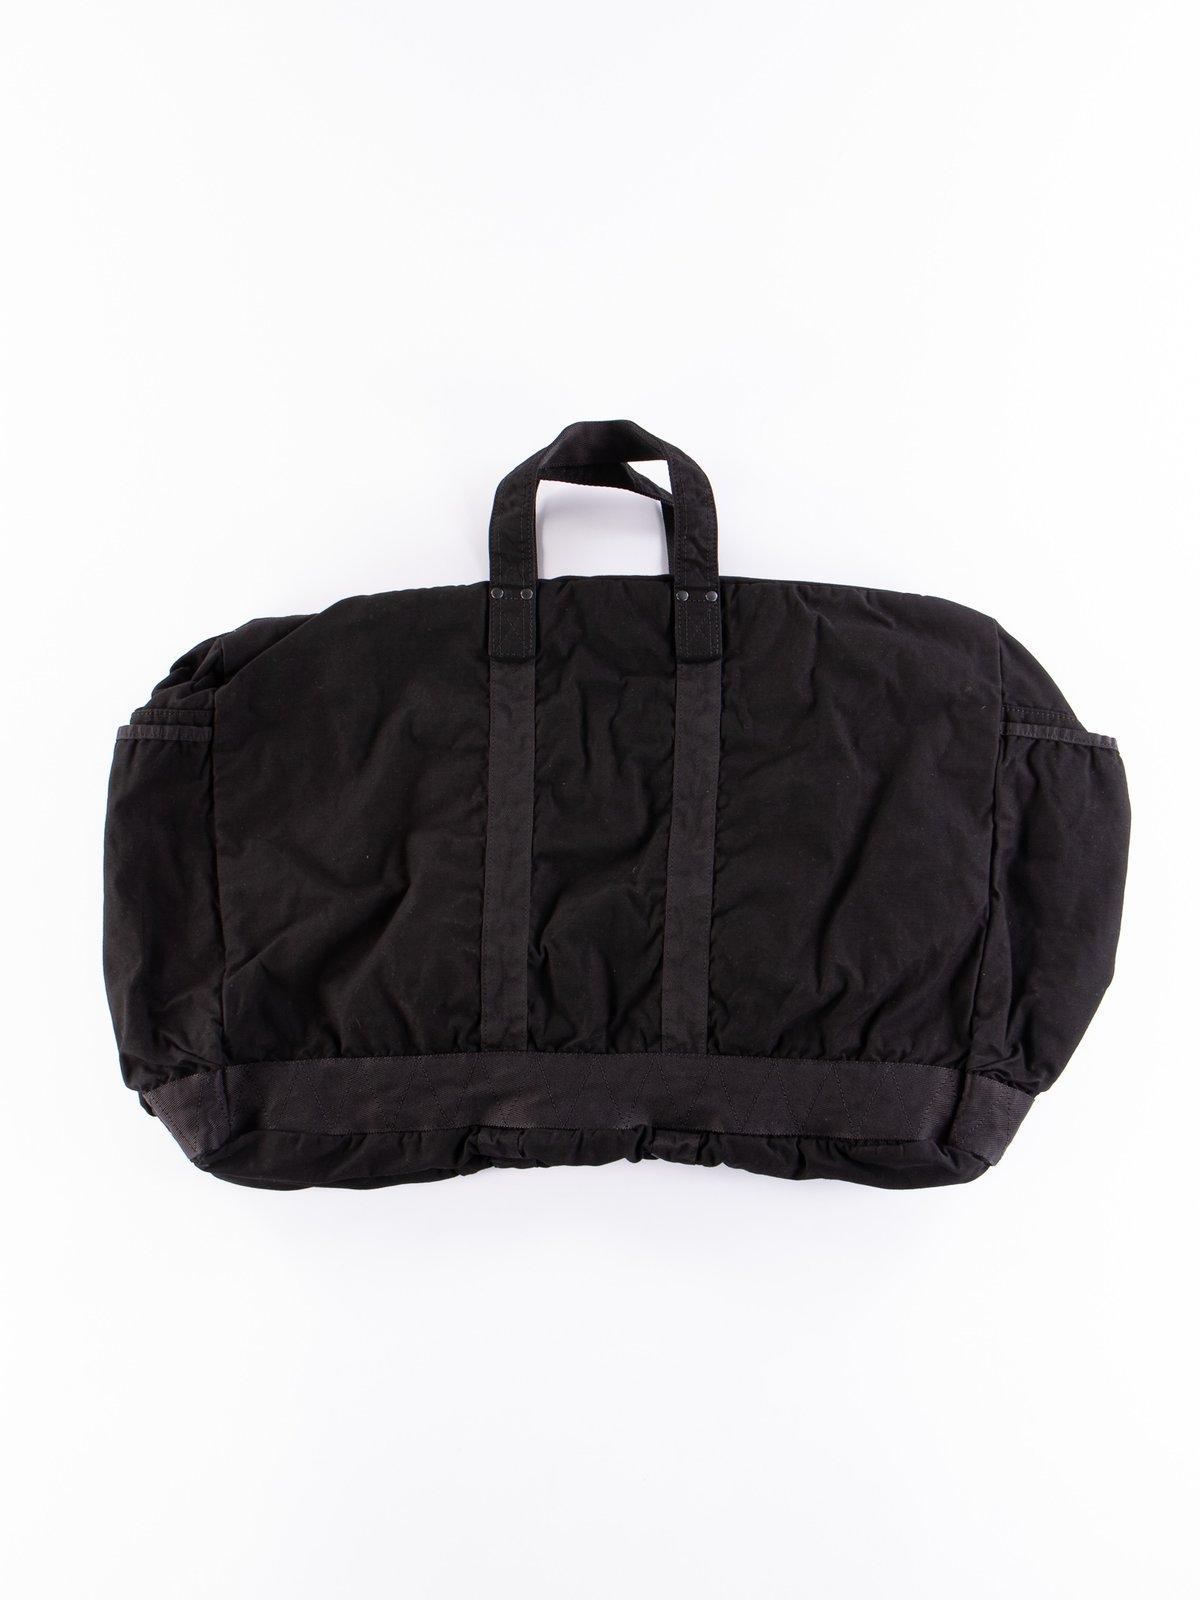 Black Crag 2Way Boston Bag Large - Image 3